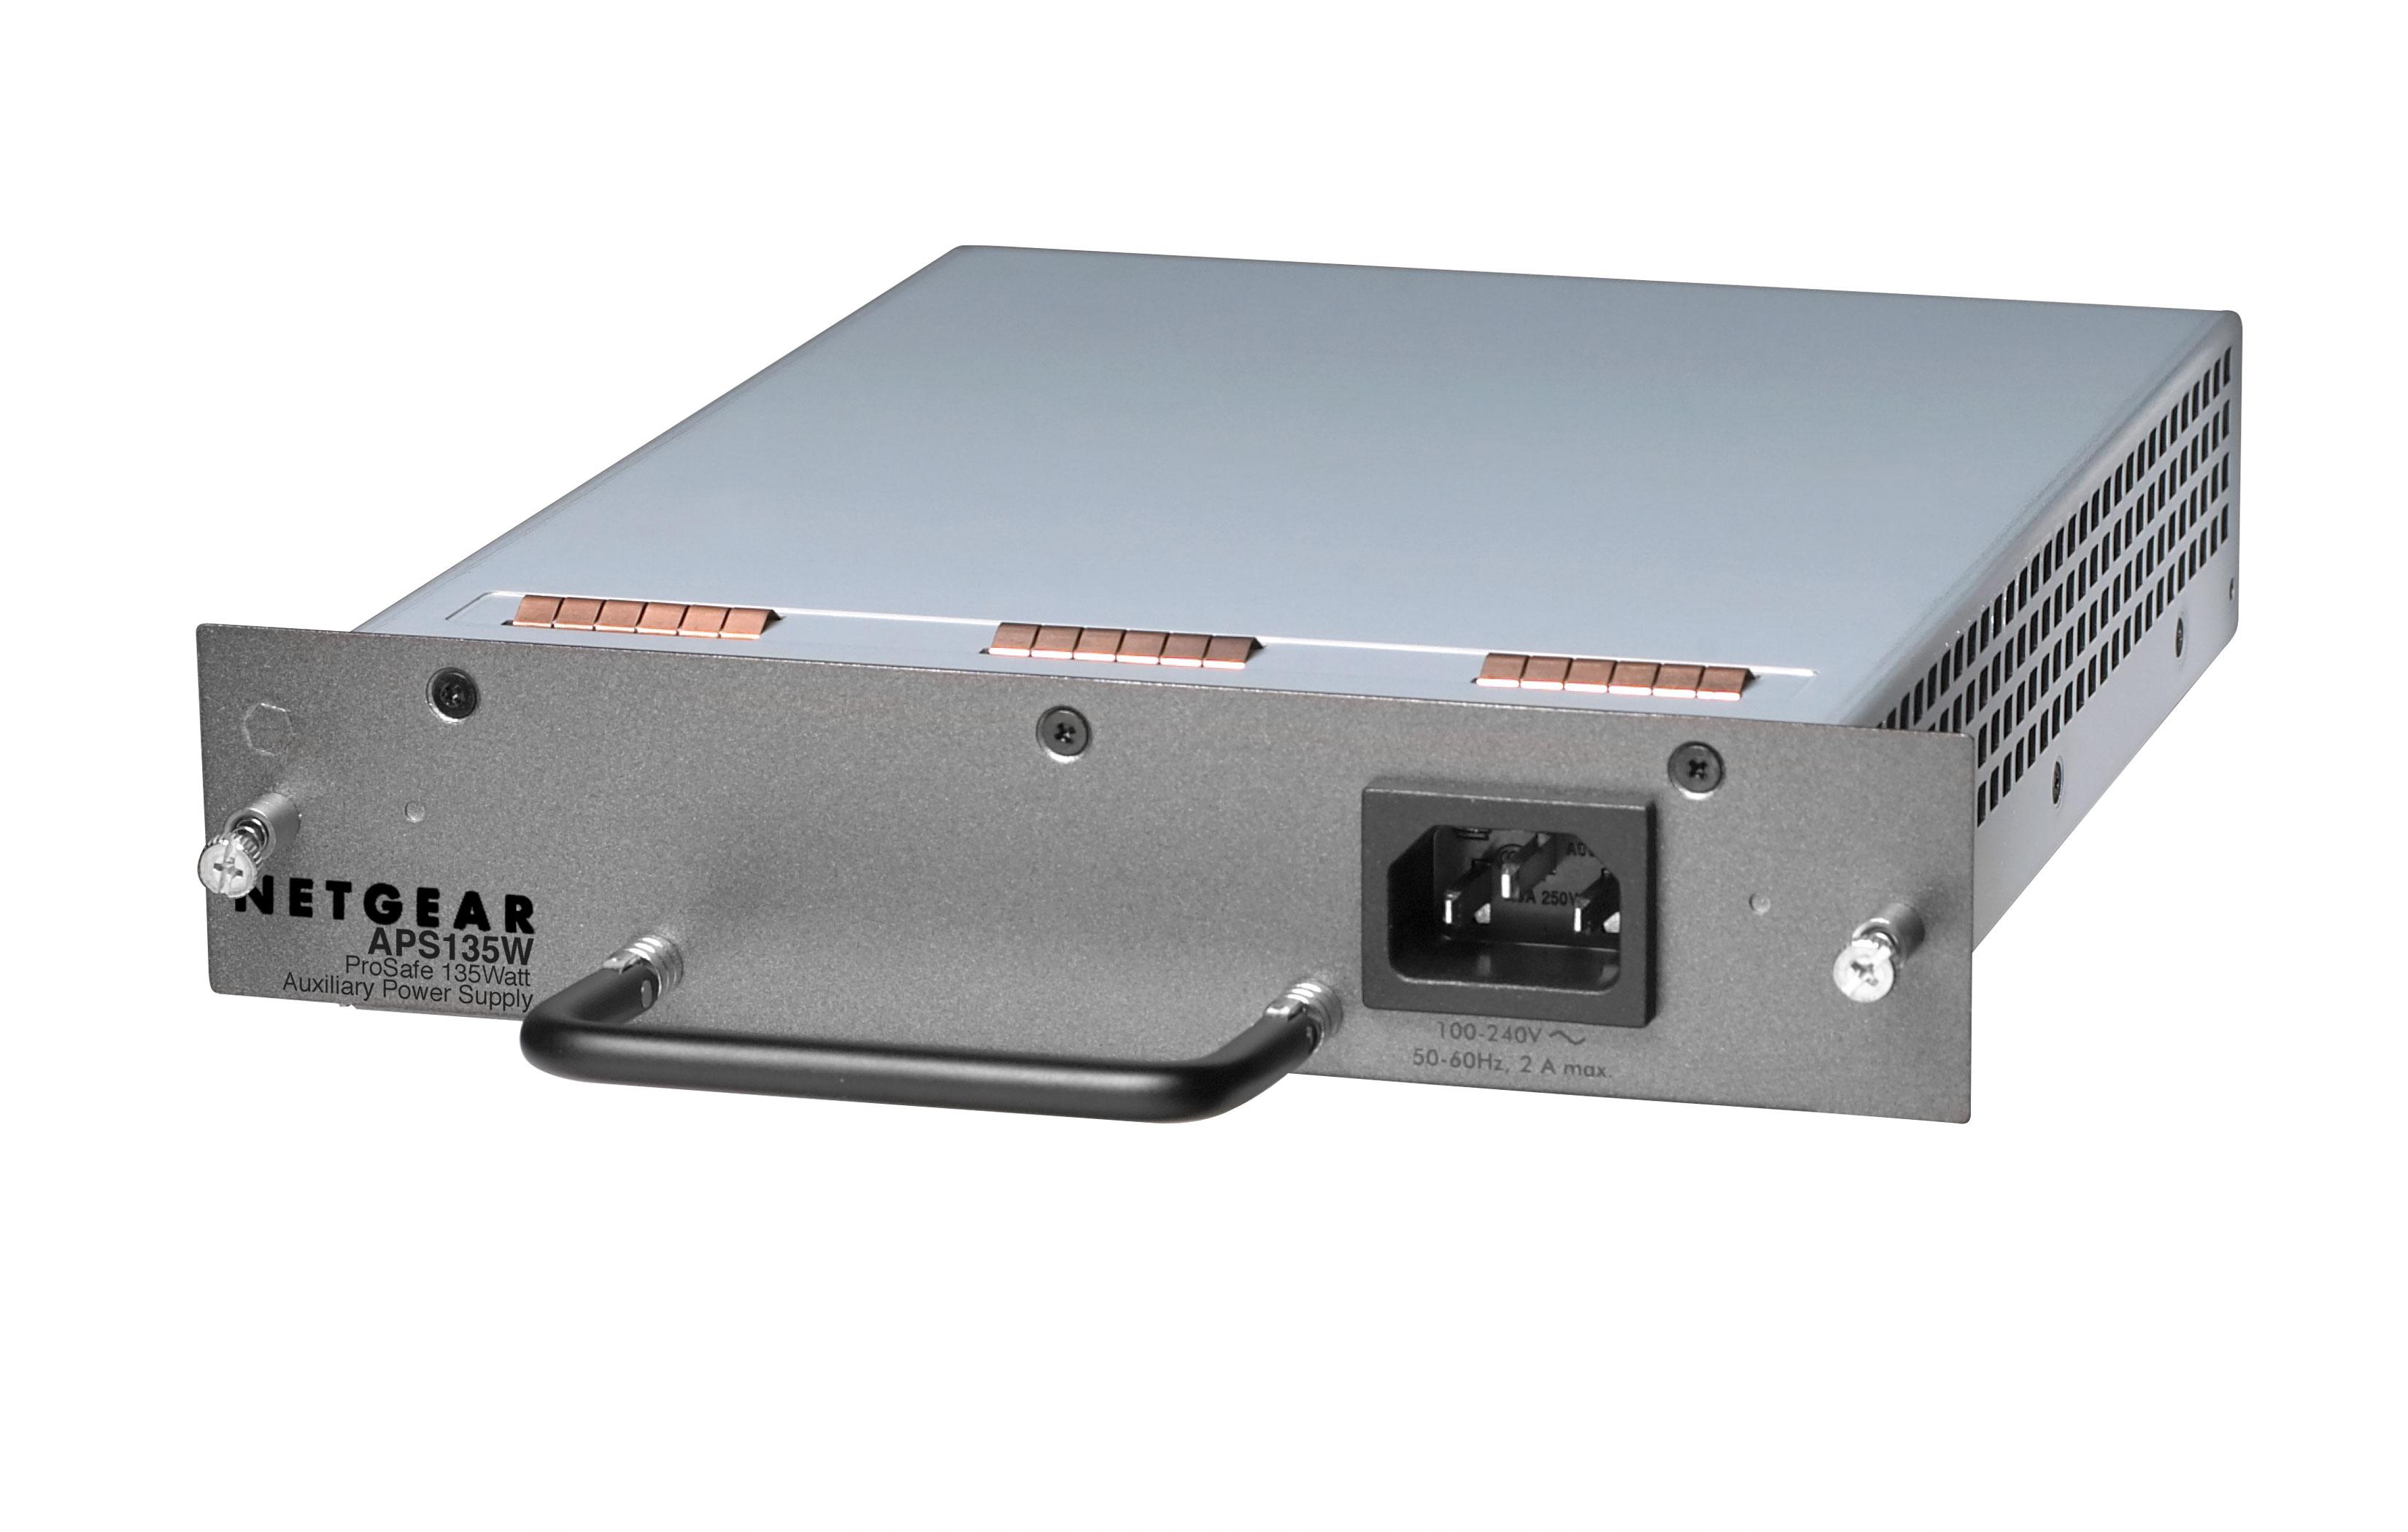 Netgear APS300W